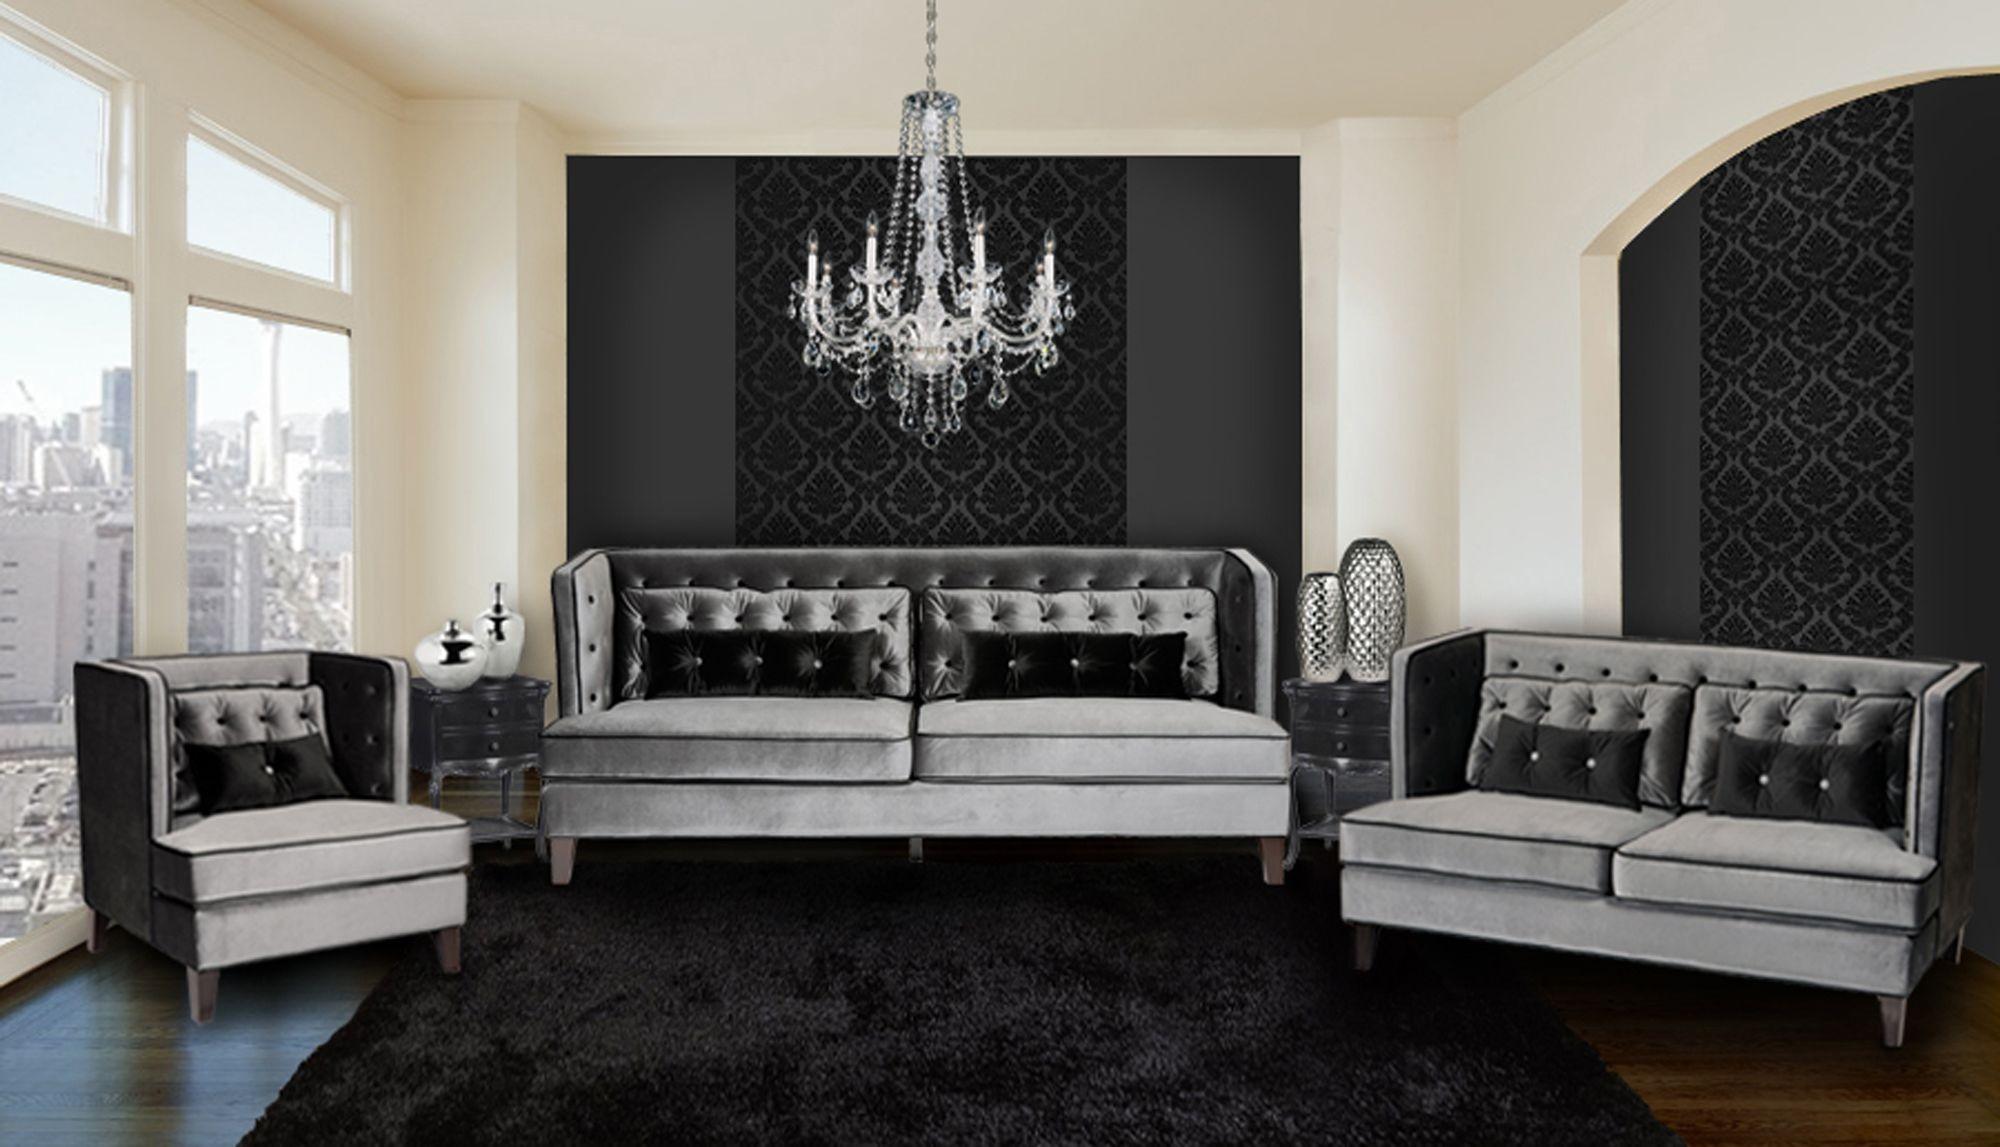 moulin gray velvet living room set lc21573gr armen living. Black Bedroom Furniture Sets. Home Design Ideas